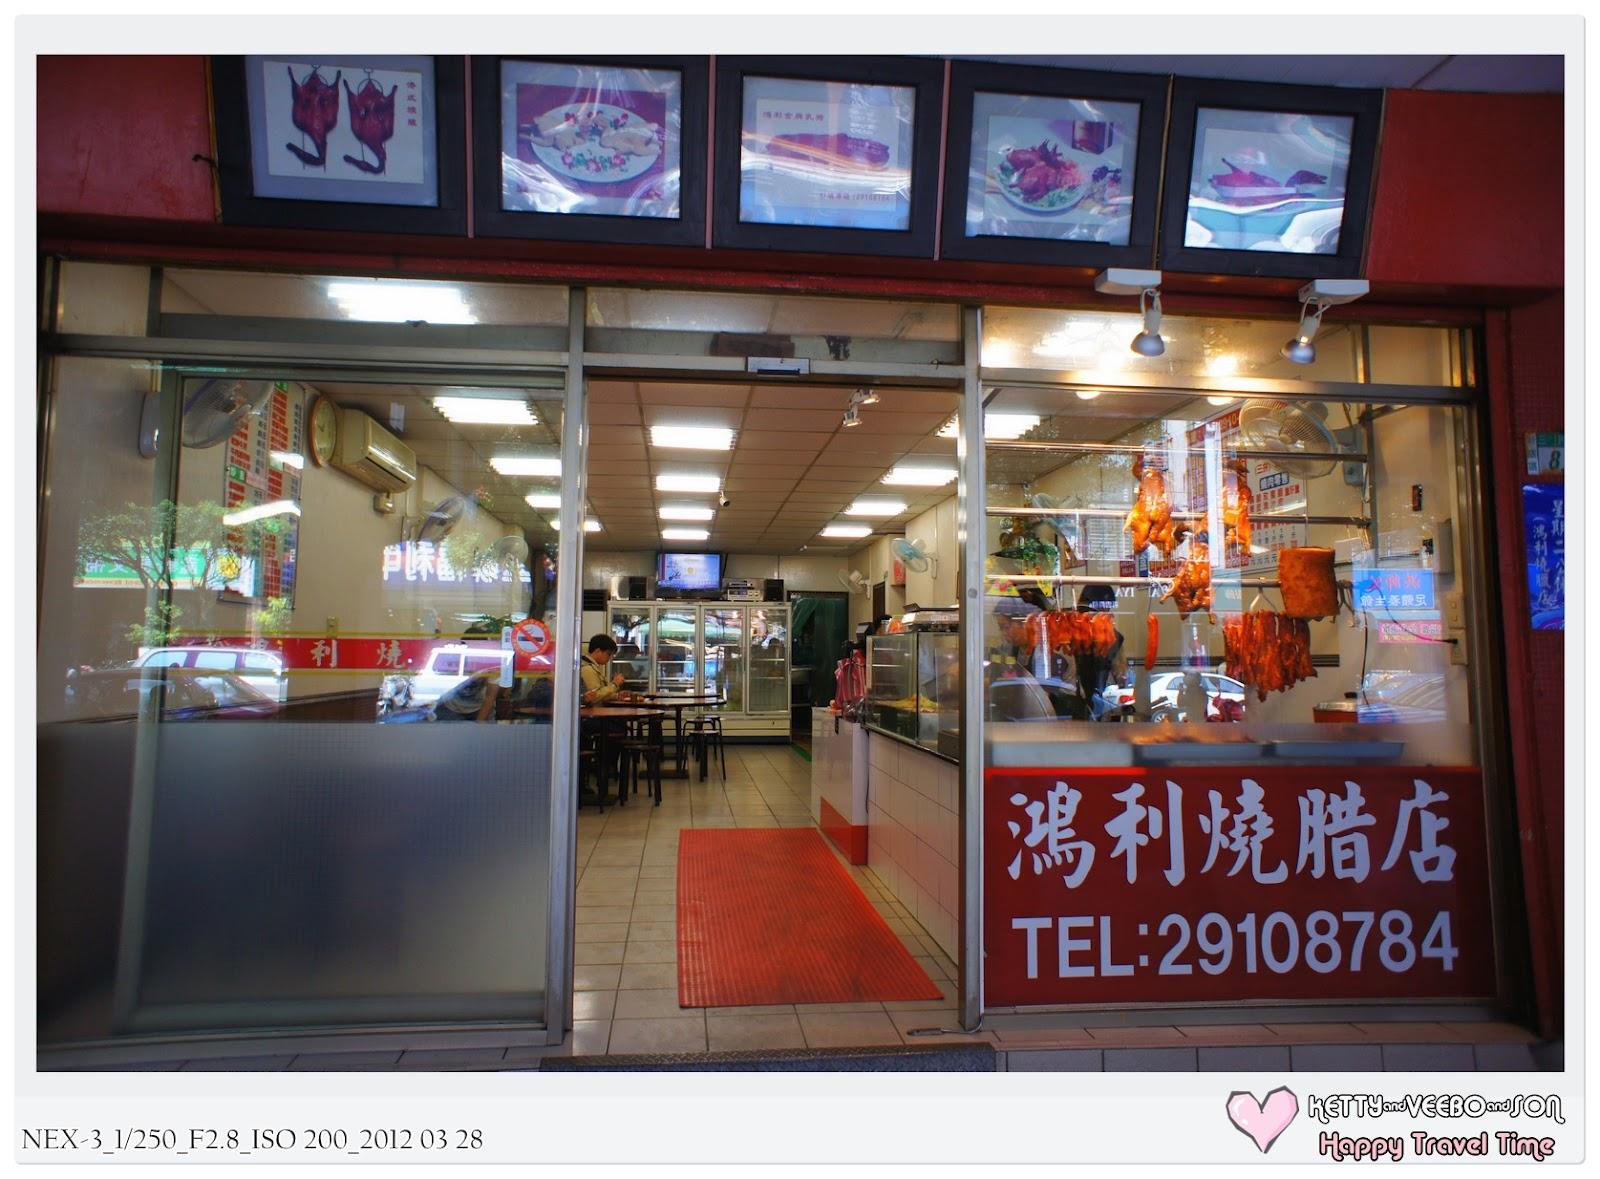 [午餐特輯] 再吃新店的燒臘店一間又一間(港式鴻利快餐店)-20120328 | 午餐特輯~~持續更新(中午12點更新)